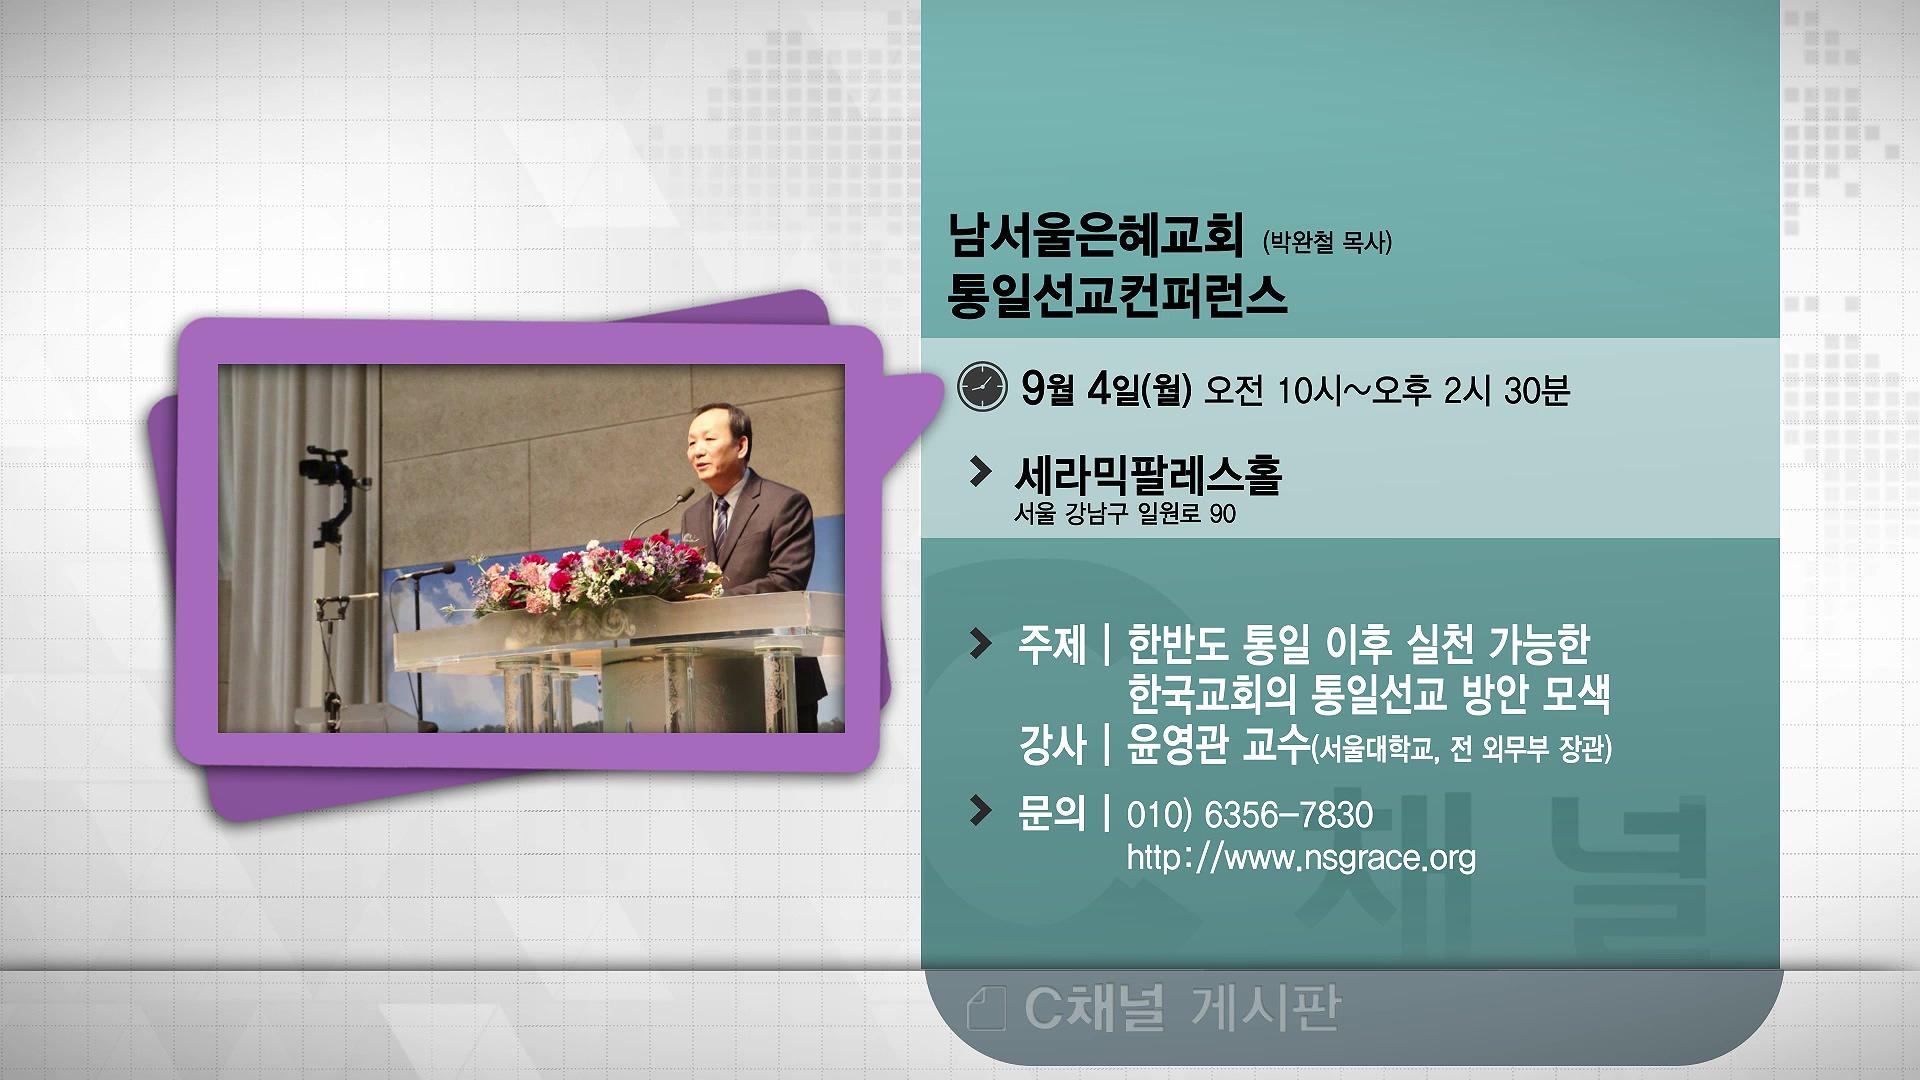 통일선교컨퍼런스 (남서울은혜교회 (박완철 목사)) -  9월 4일(월) 오전 10시~오후 2시 30분